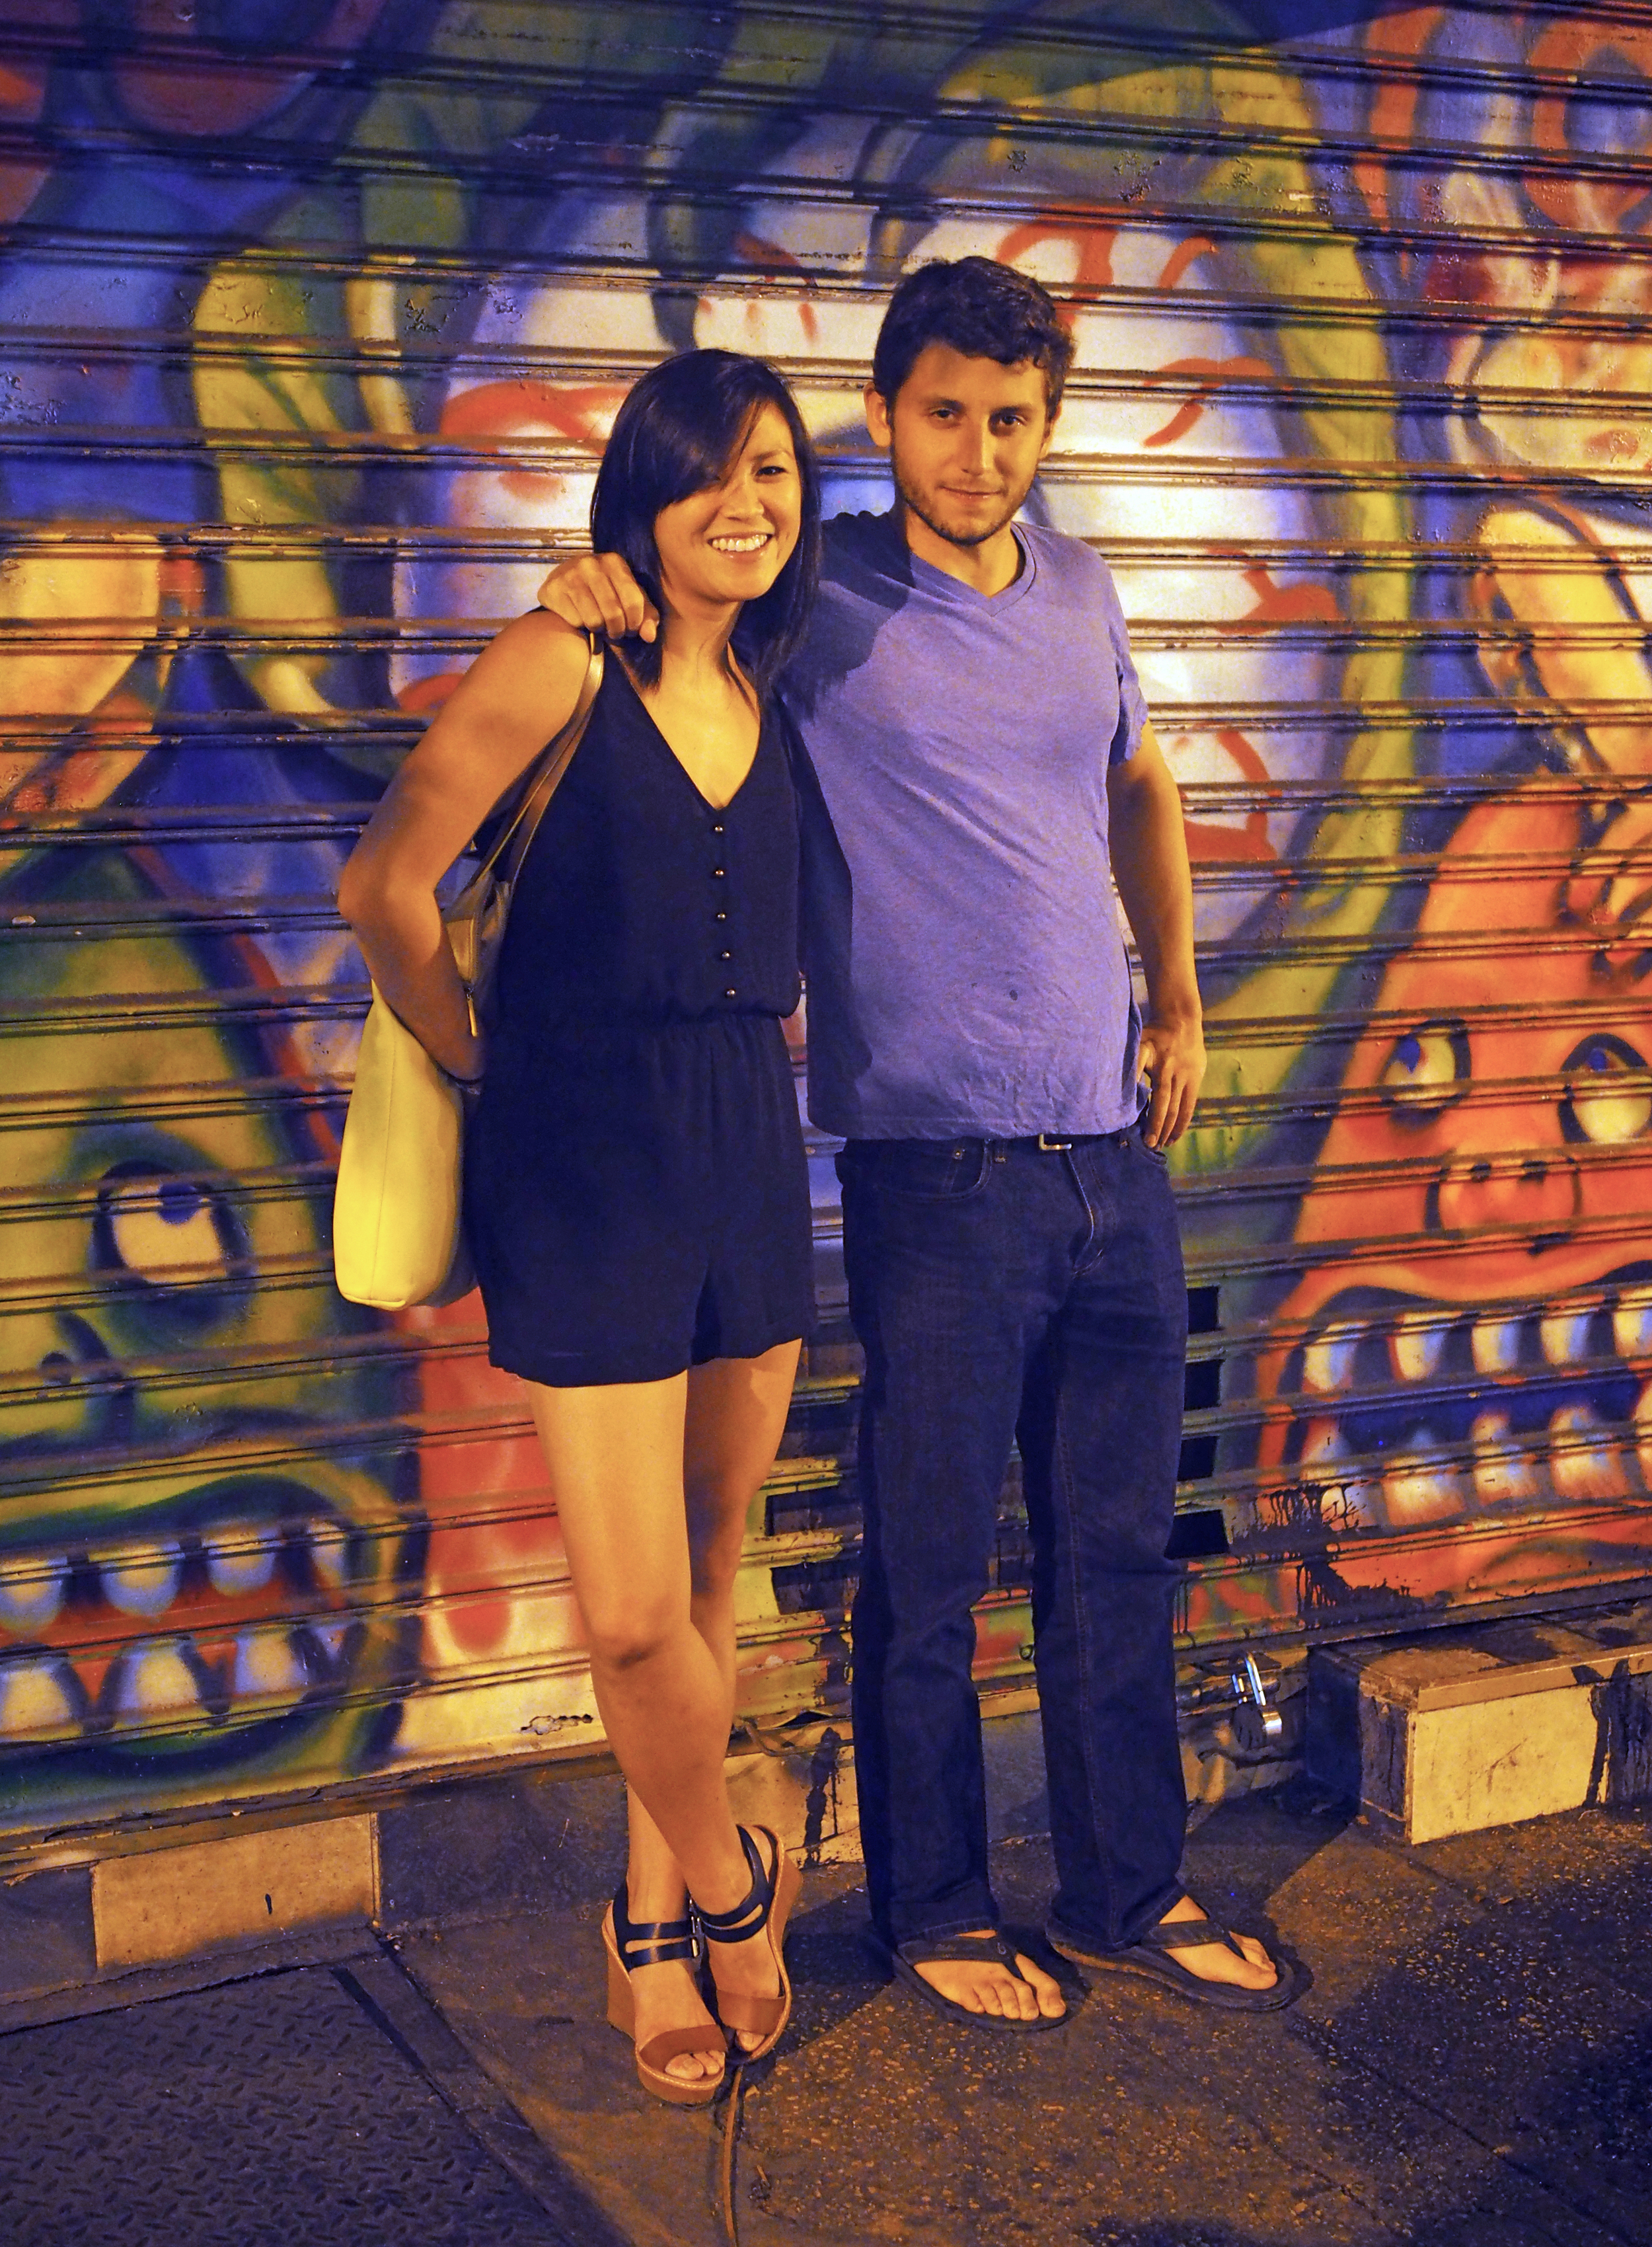 Nina and Nate